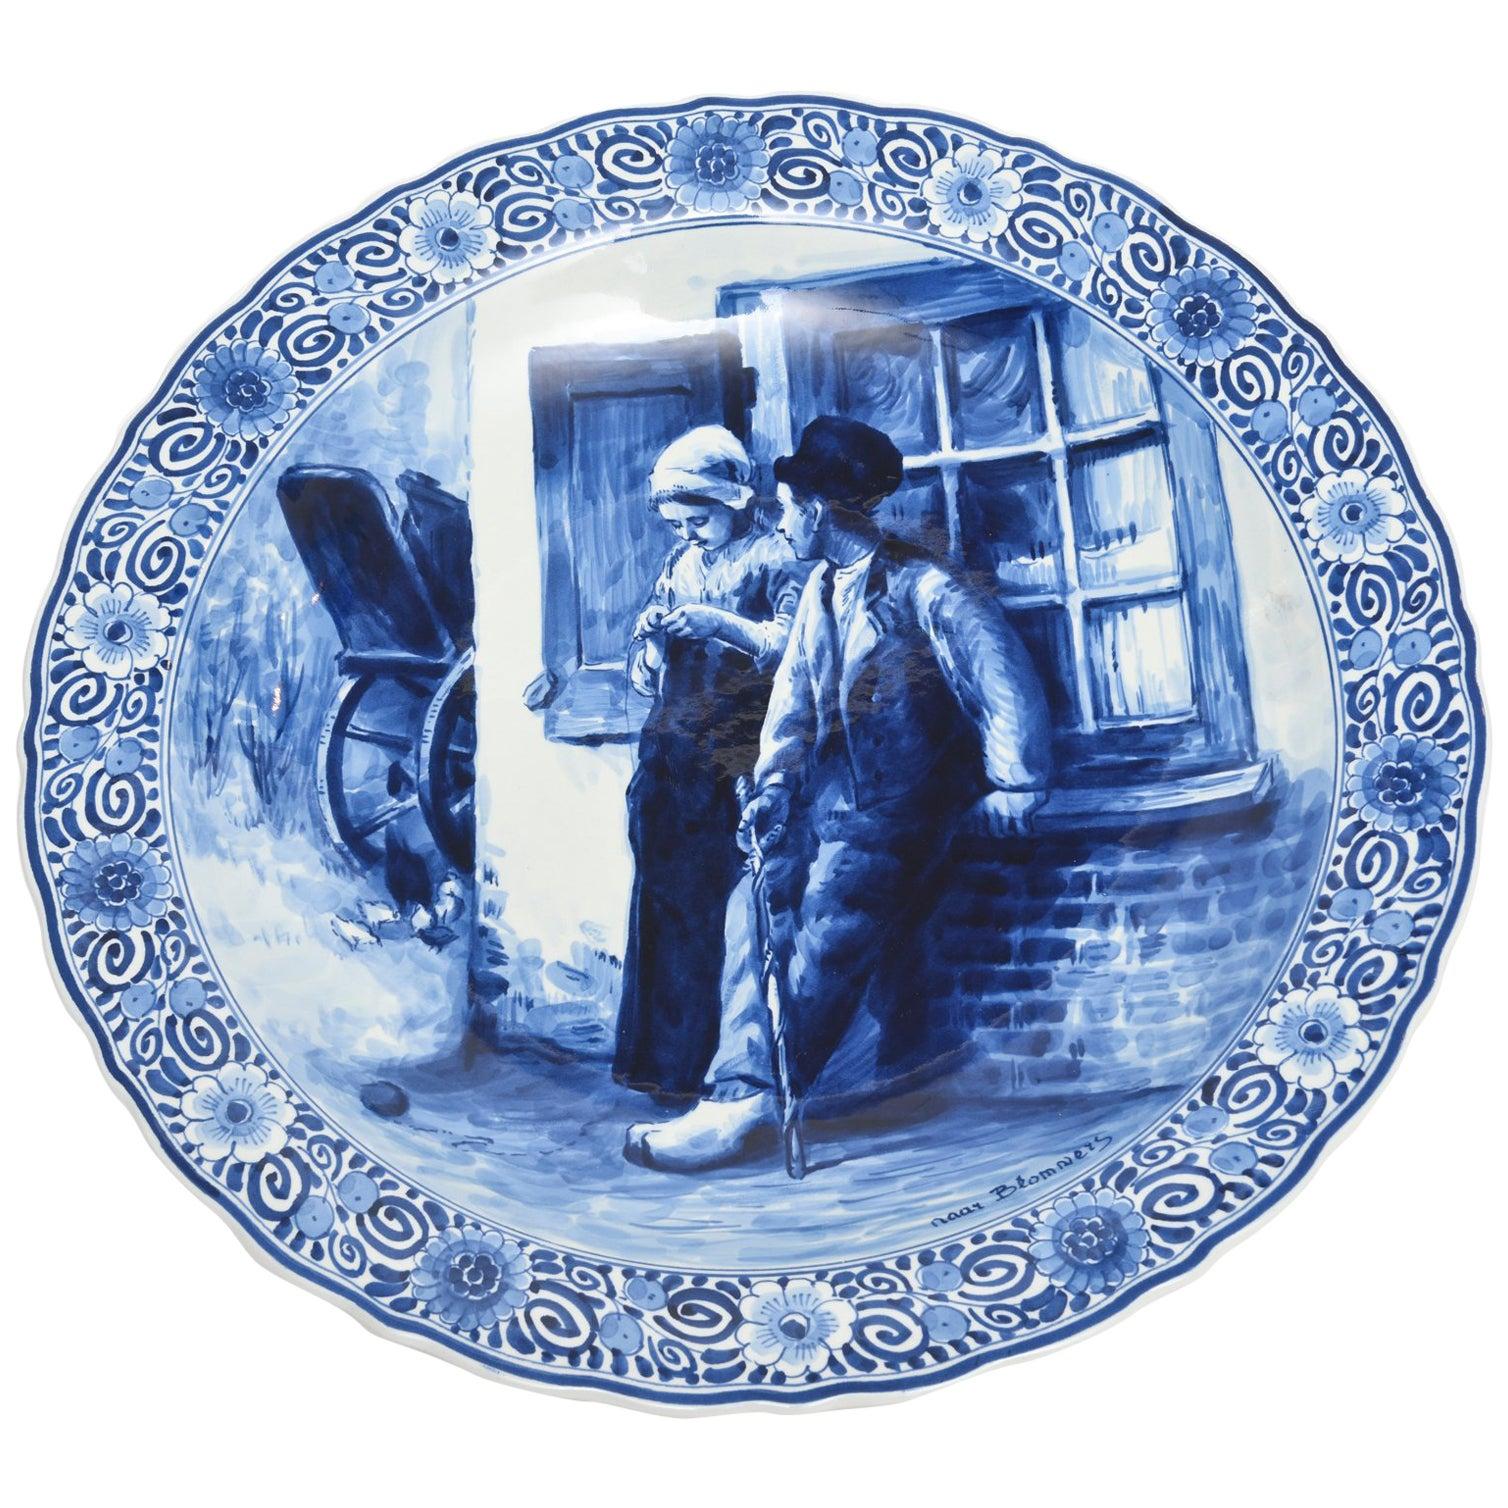 Huge Royal Delft De Porceleyne Fles Blue and White Bloomers Charger Plate Plaque